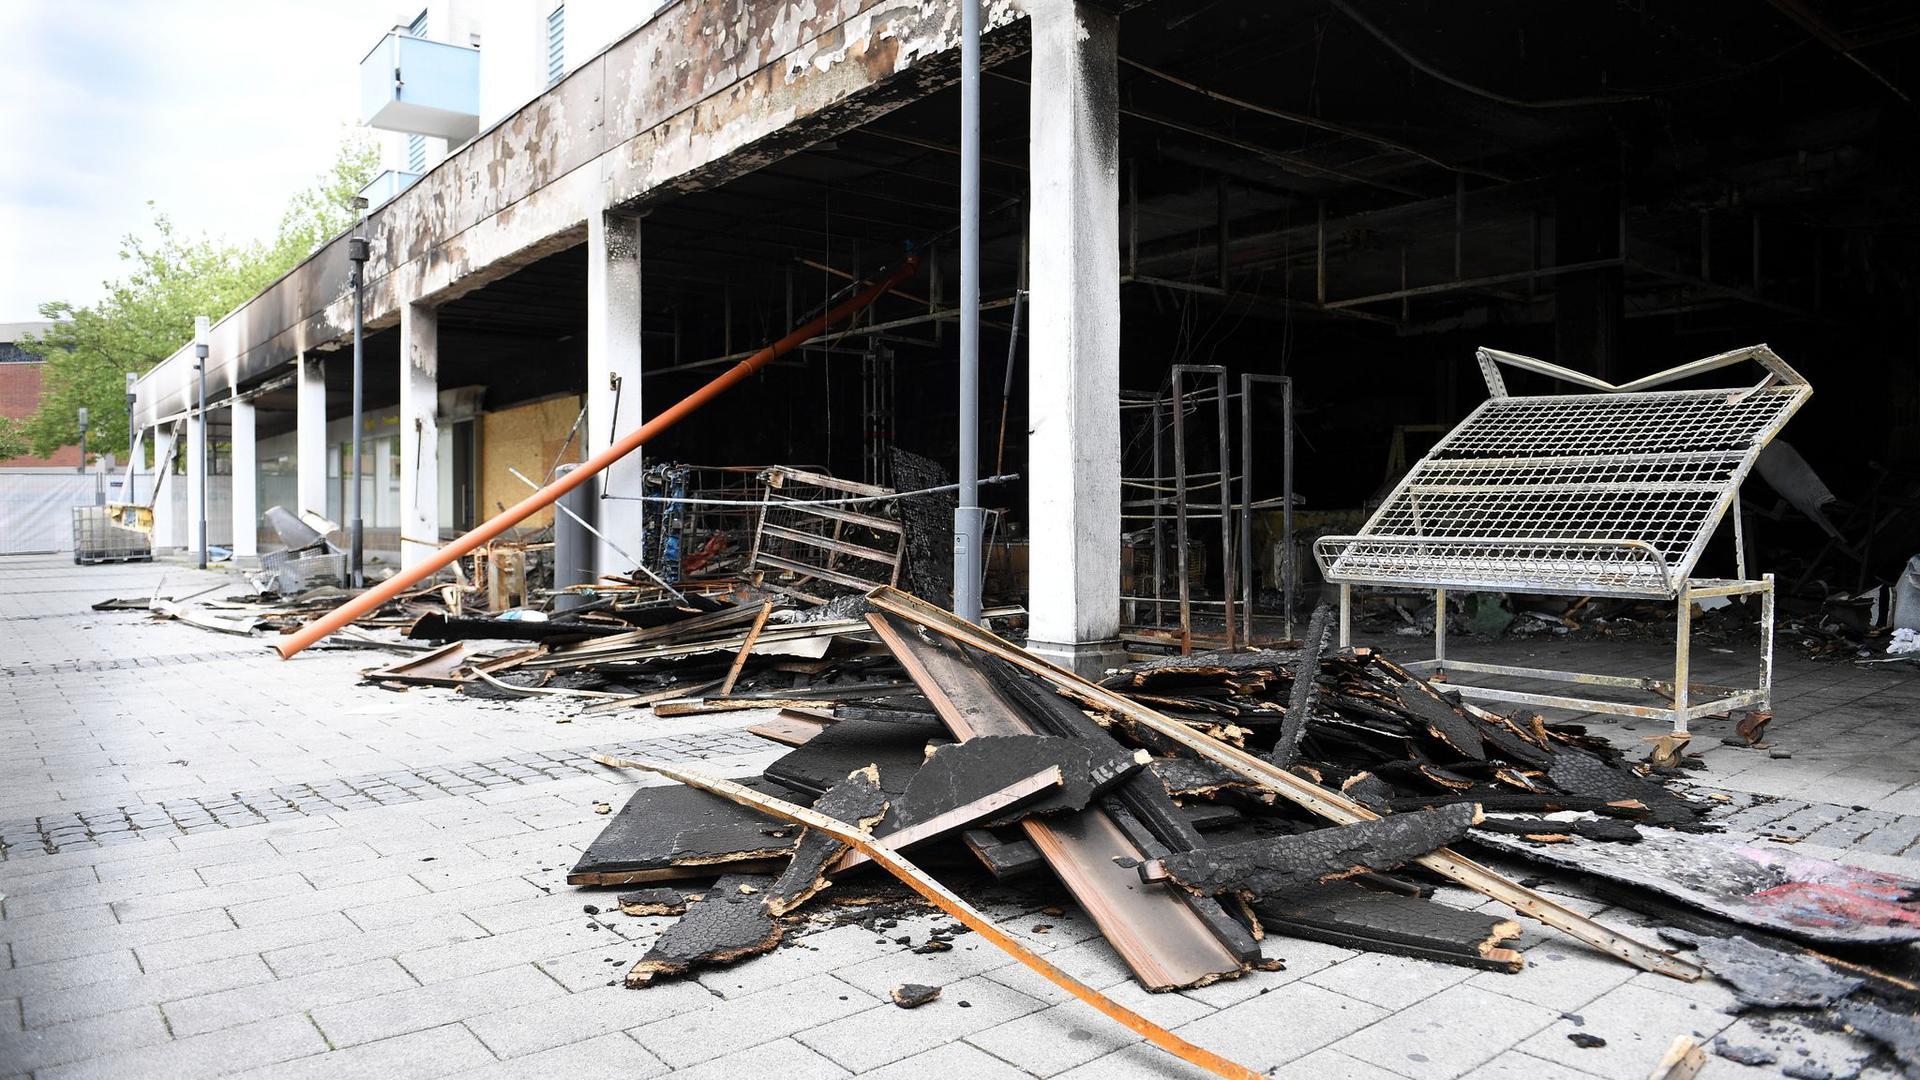 Das oberbayerische Waldkraiburg wurde von Anschlägen auf Geschäfte türkischstämmiger Inhaber erschüttert.